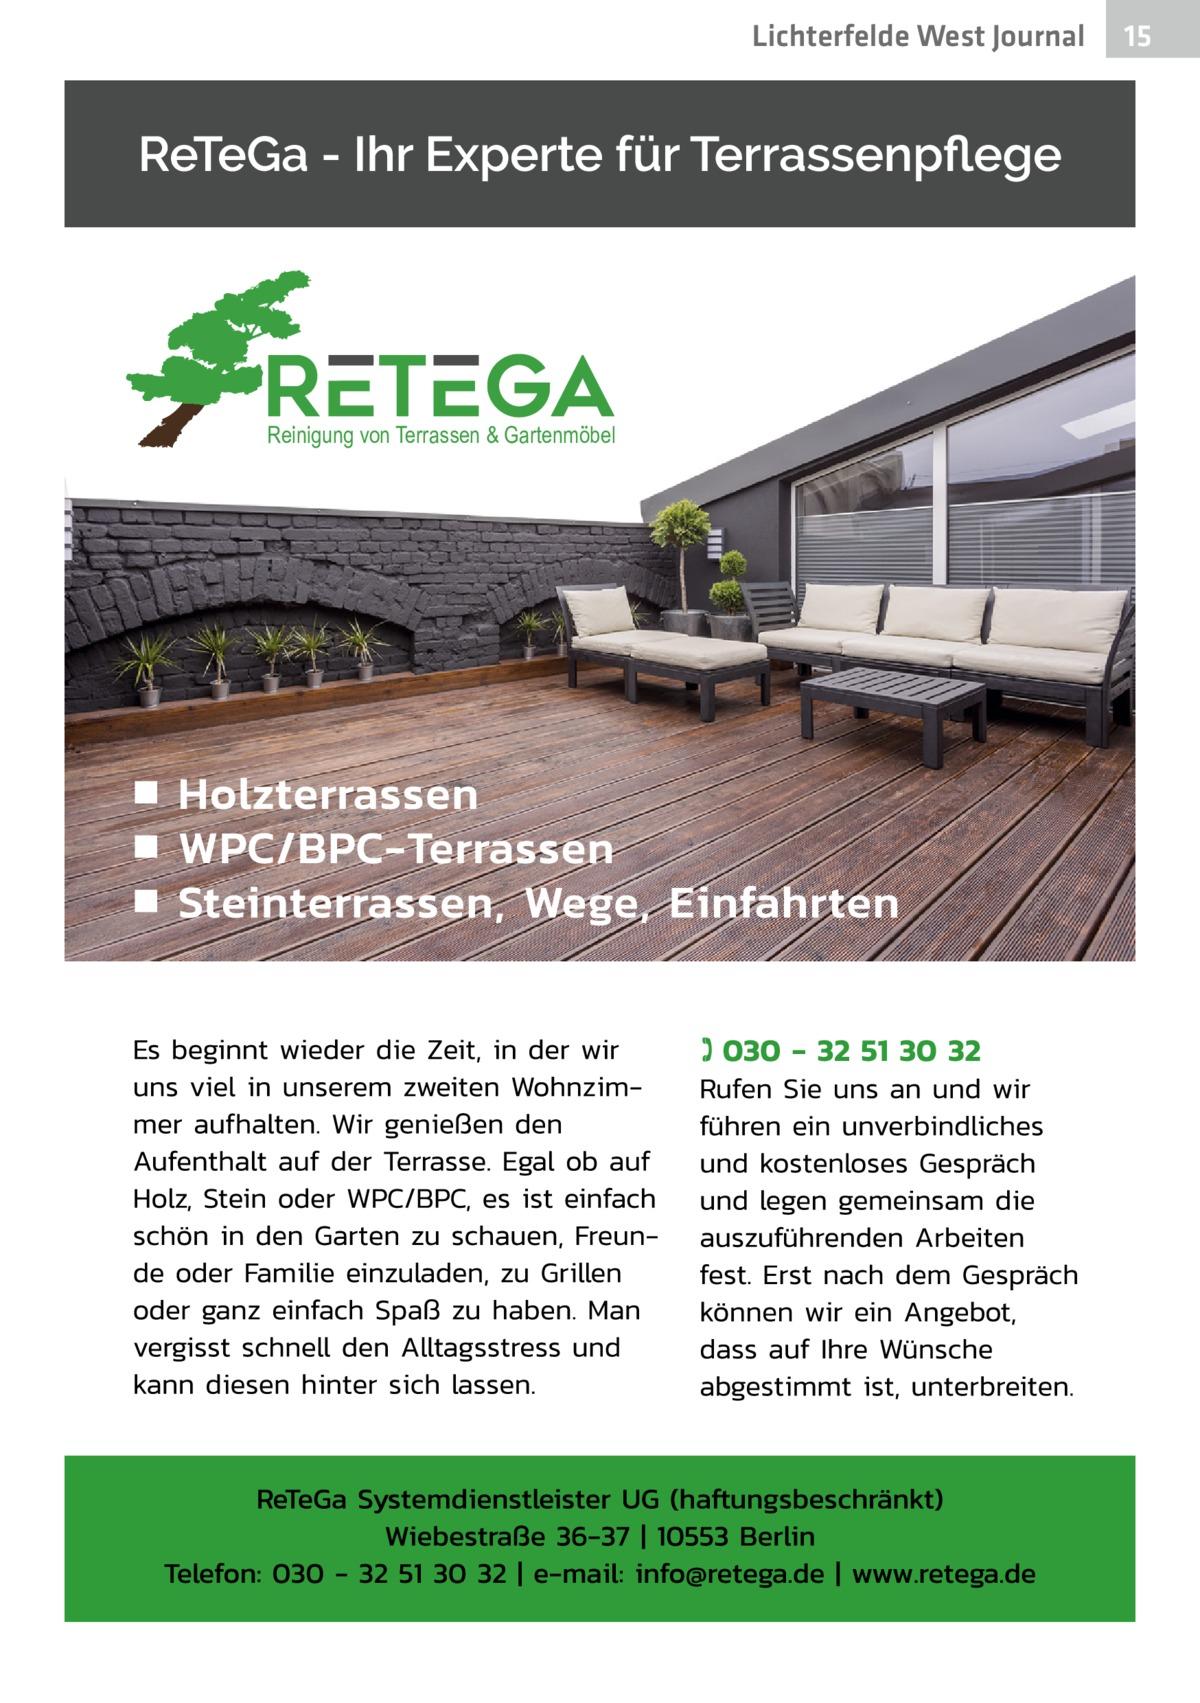 Lichterfelde West Journal  Reinigung von Terrassen & Gartenmöbel  15 15